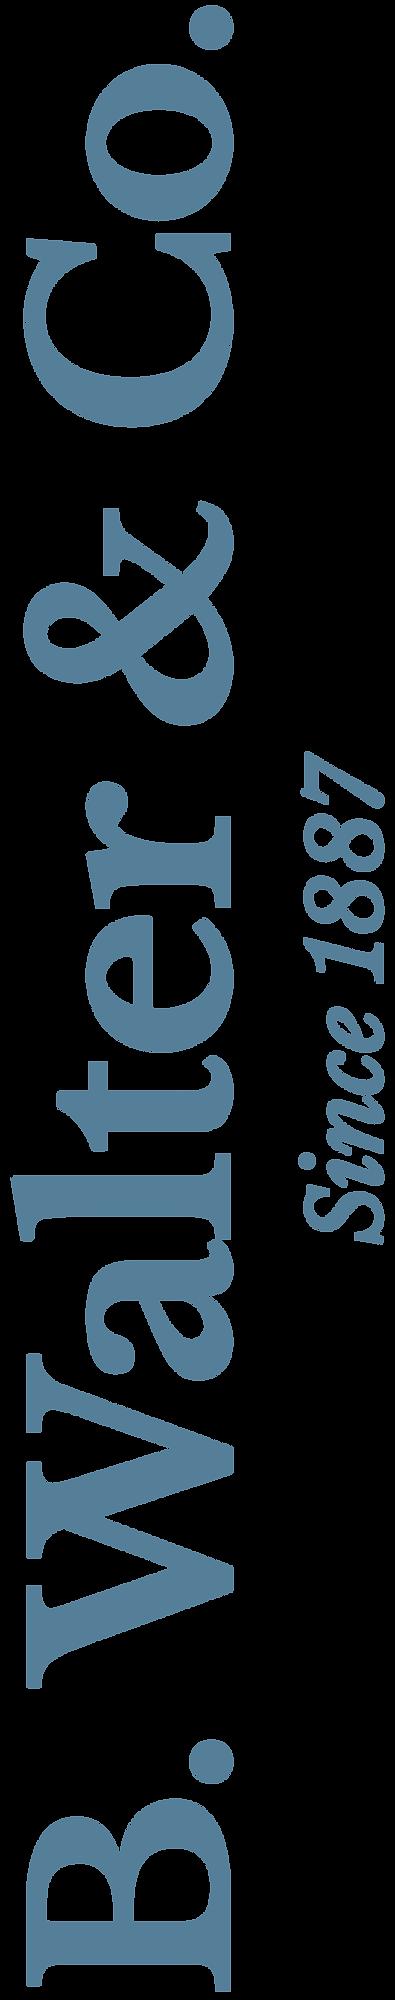 Full logo vert blue trans.png